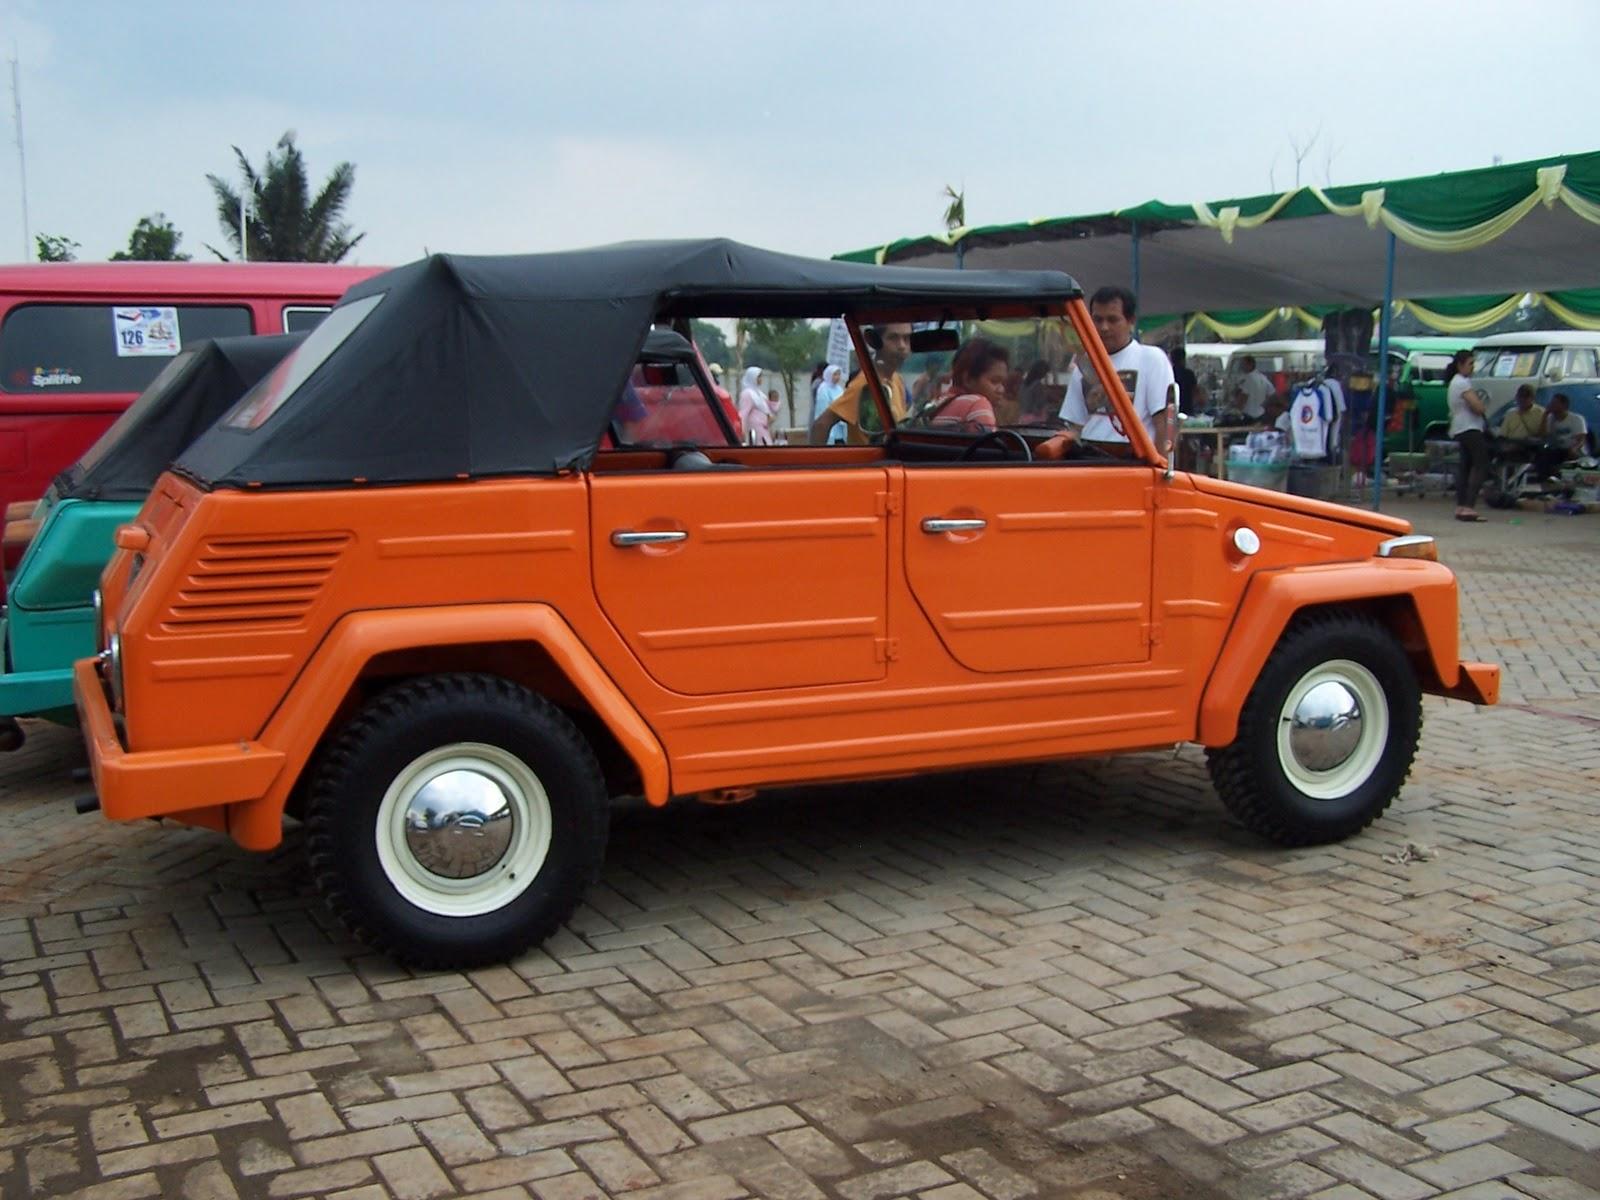 vintage volkswagen indonesia volkswagen type 181 thing safari kubelwagen soft top. Black Bedroom Furniture Sets. Home Design Ideas